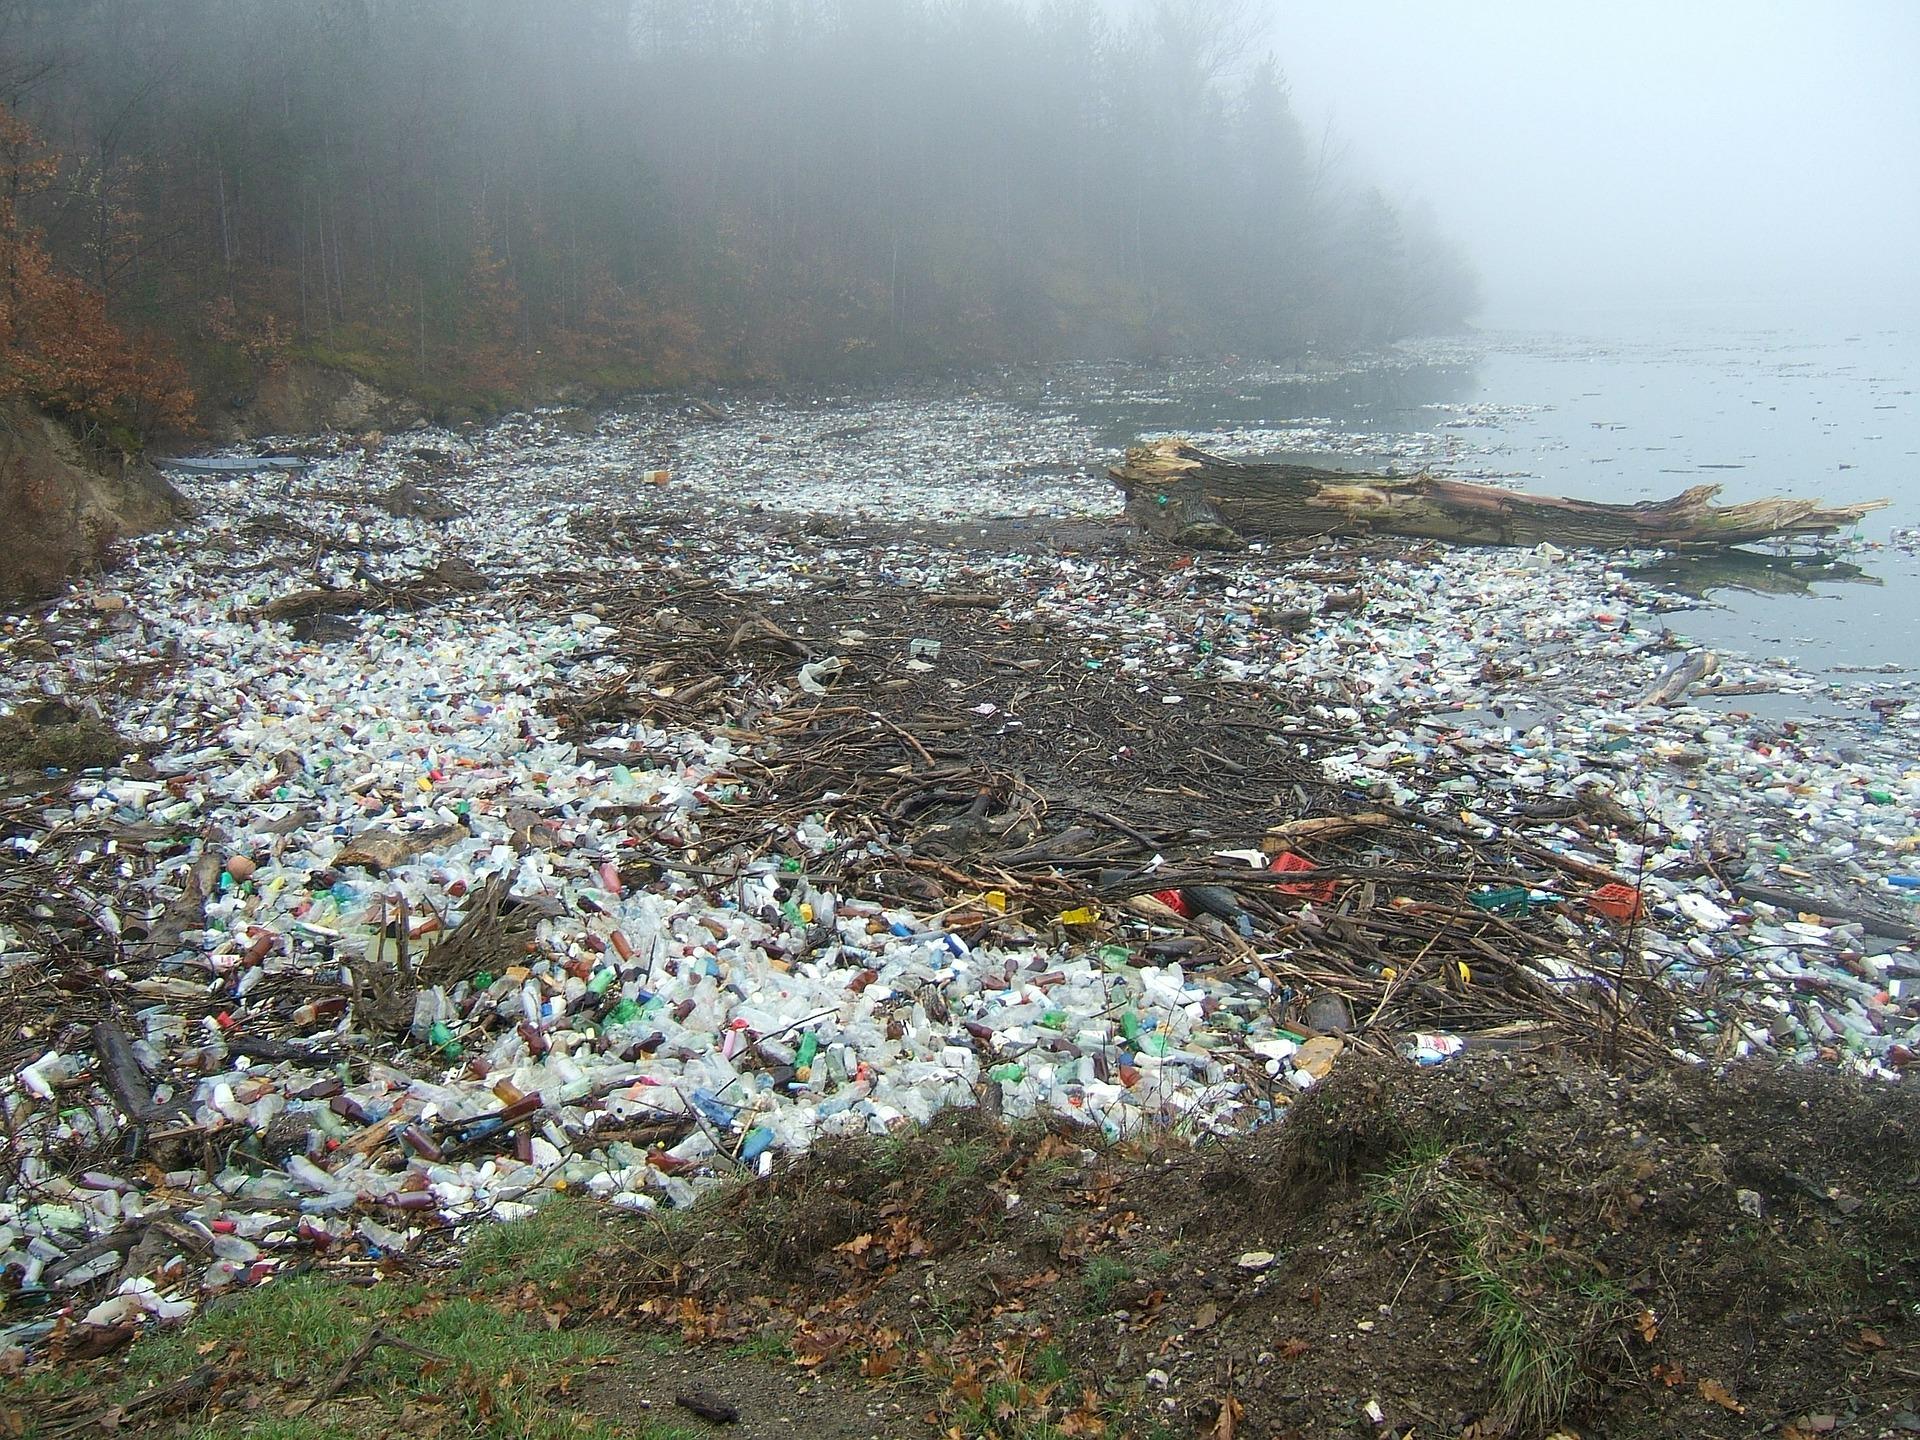 【慢魚串連】當海洋成了塑膠湯│魚肝腸病變腫瘤,塑膠重返人類食物鏈